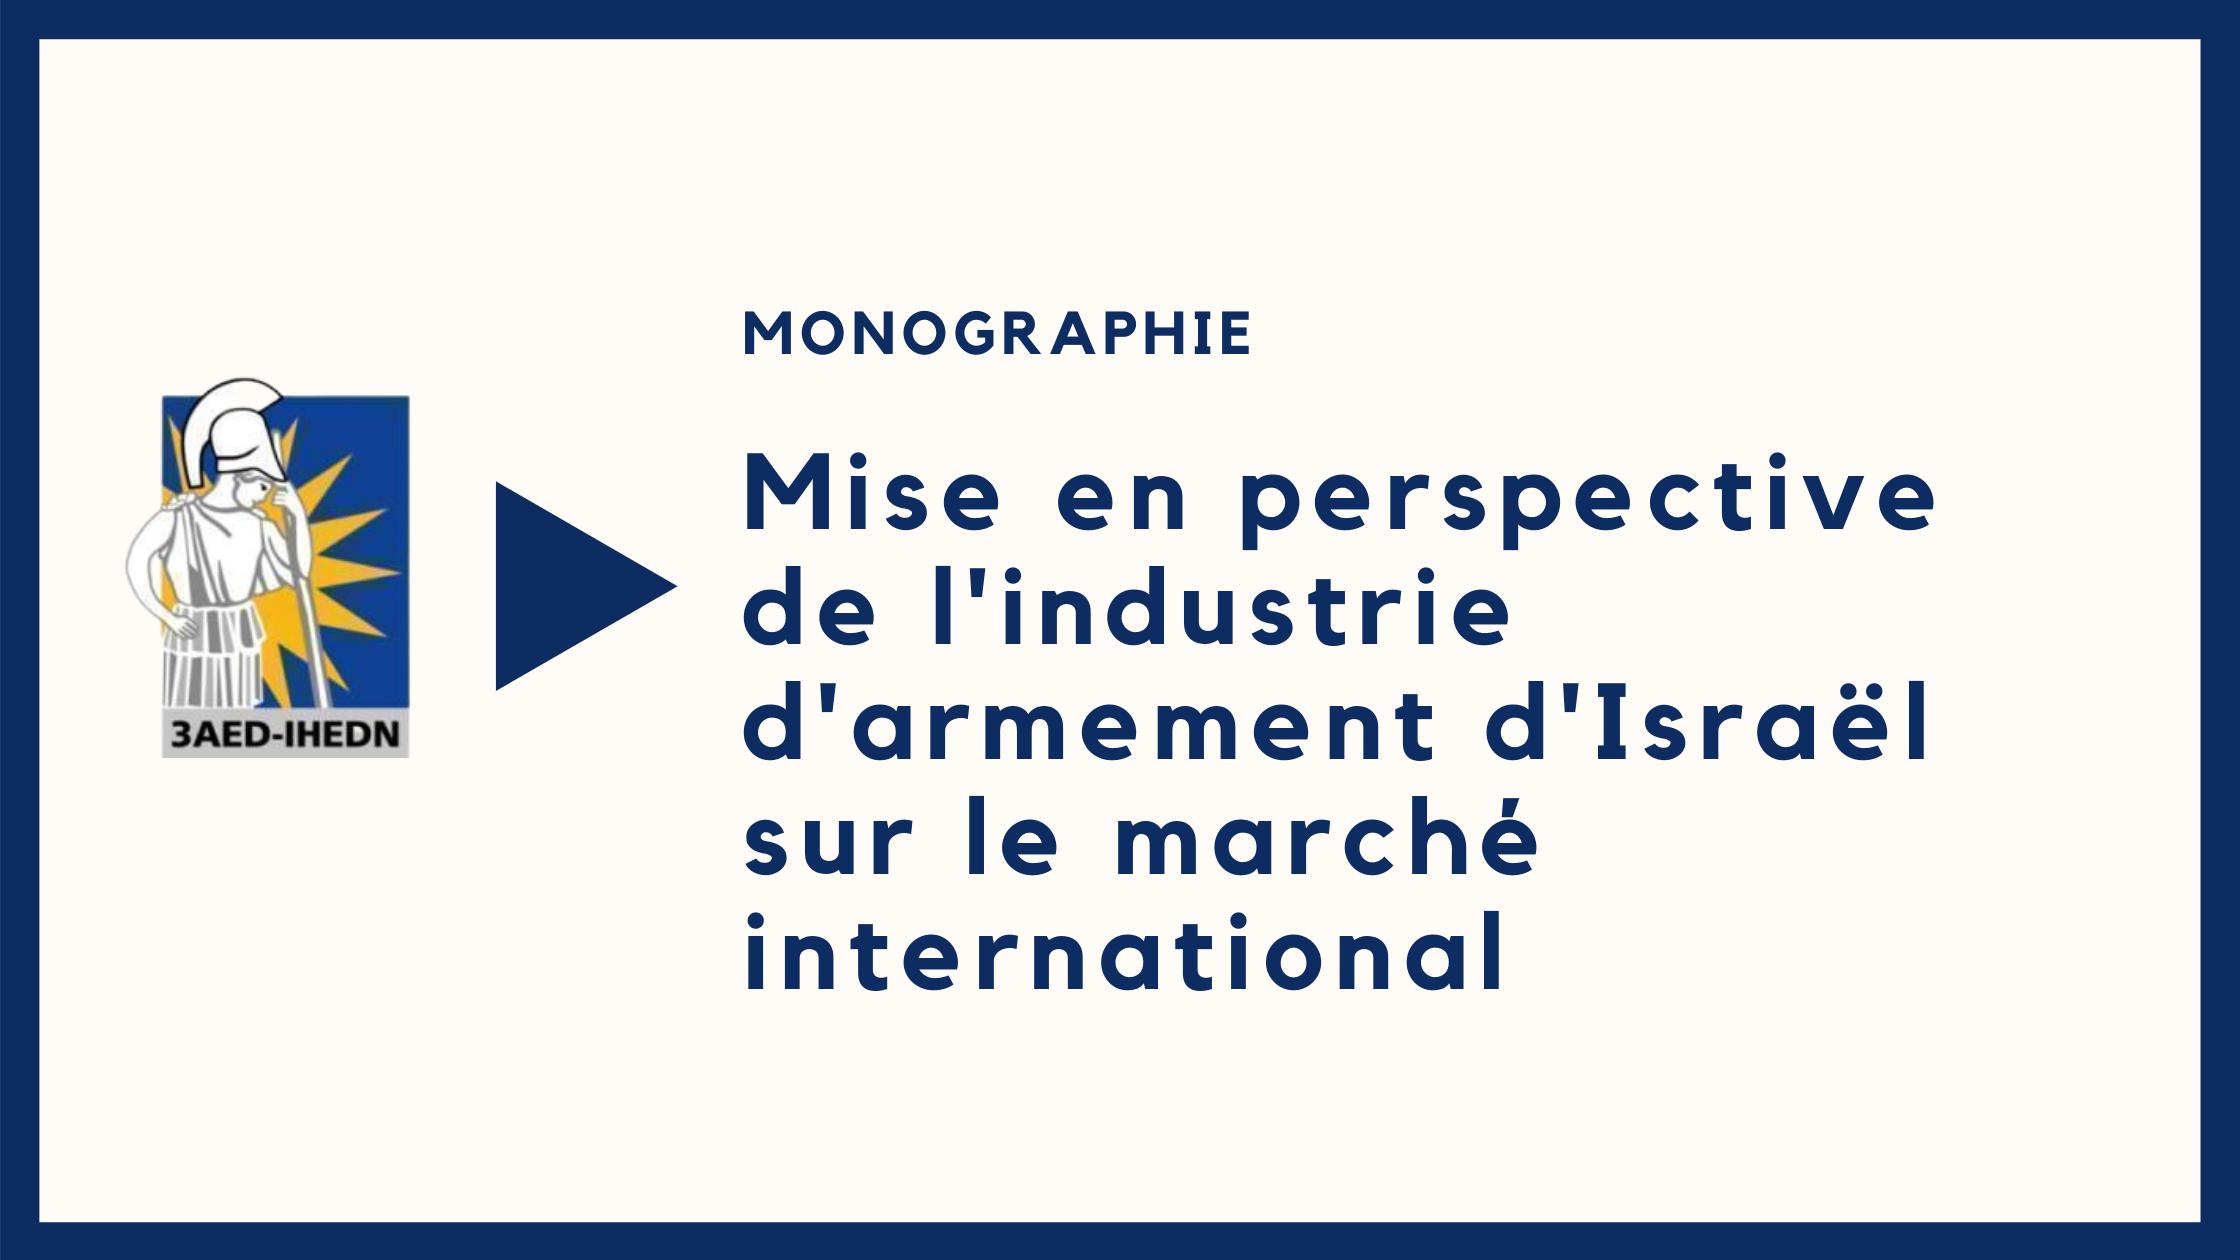 Monographie  Mise en perspective de l'industrie d'armement d'Israël sur le marché international